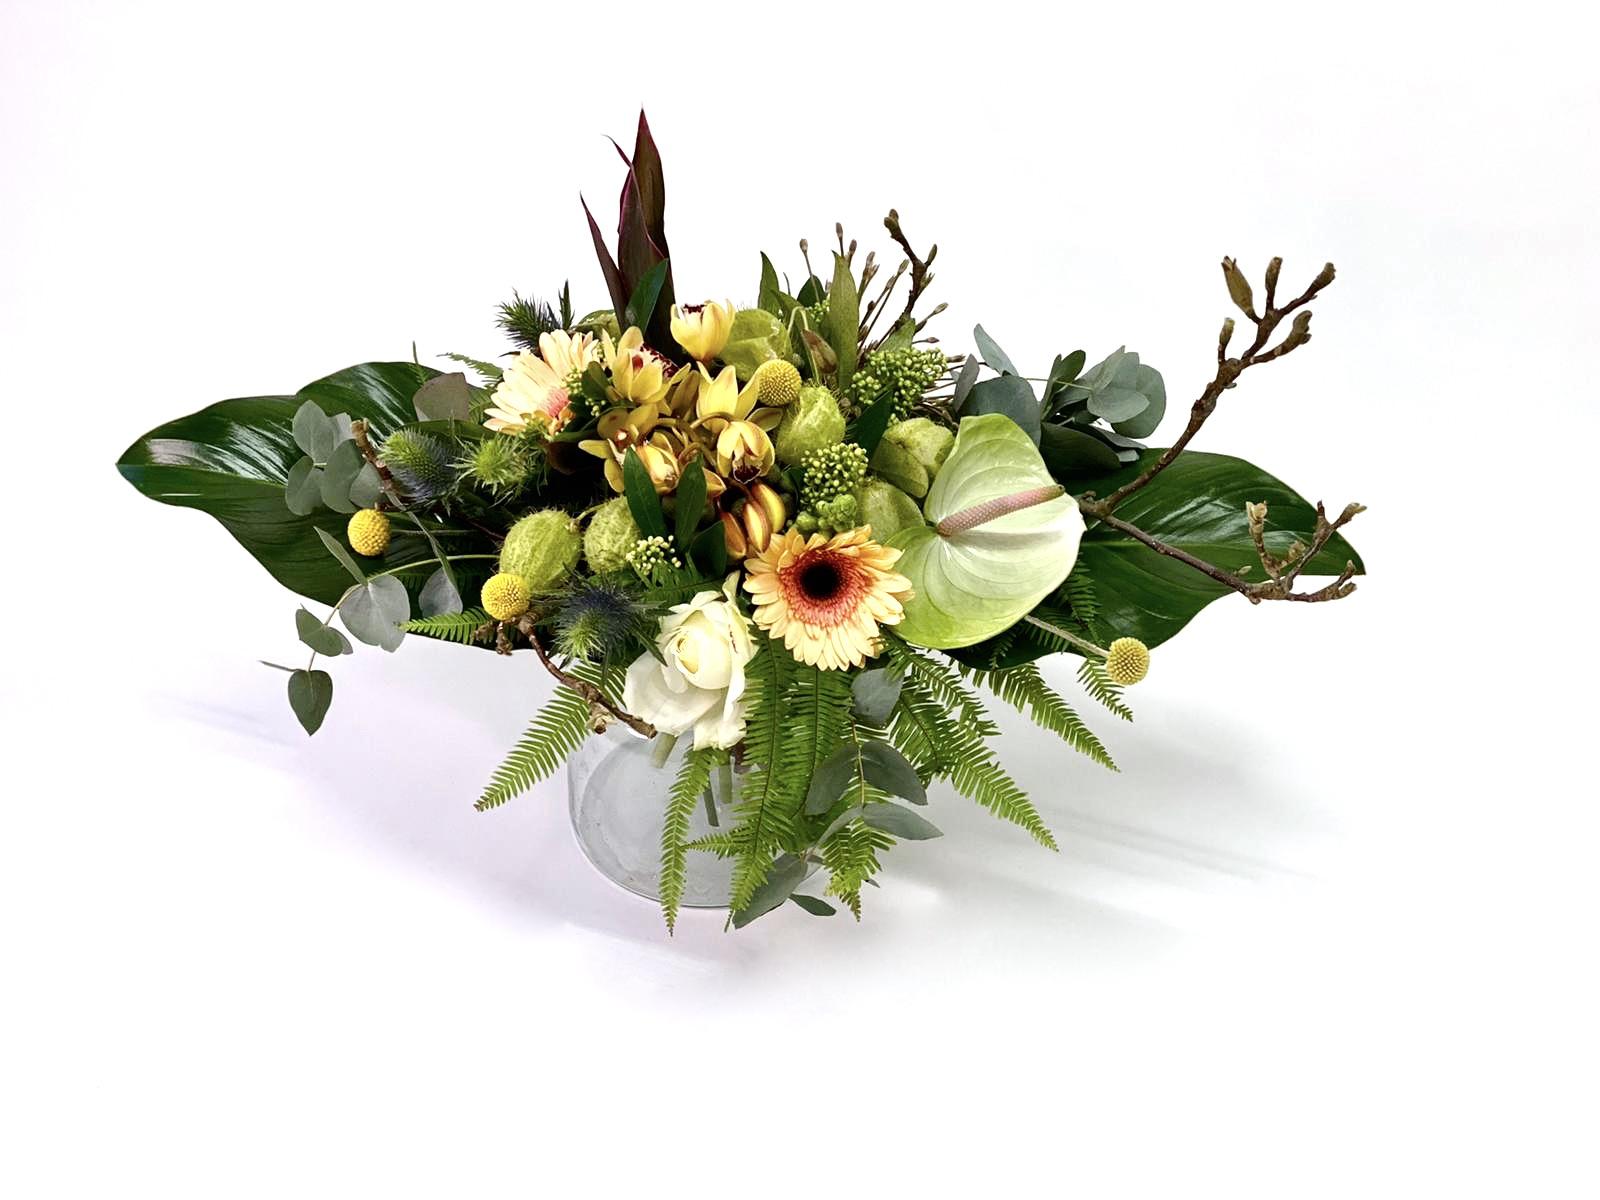 Natural Natuurlijk Bloemen Boeket